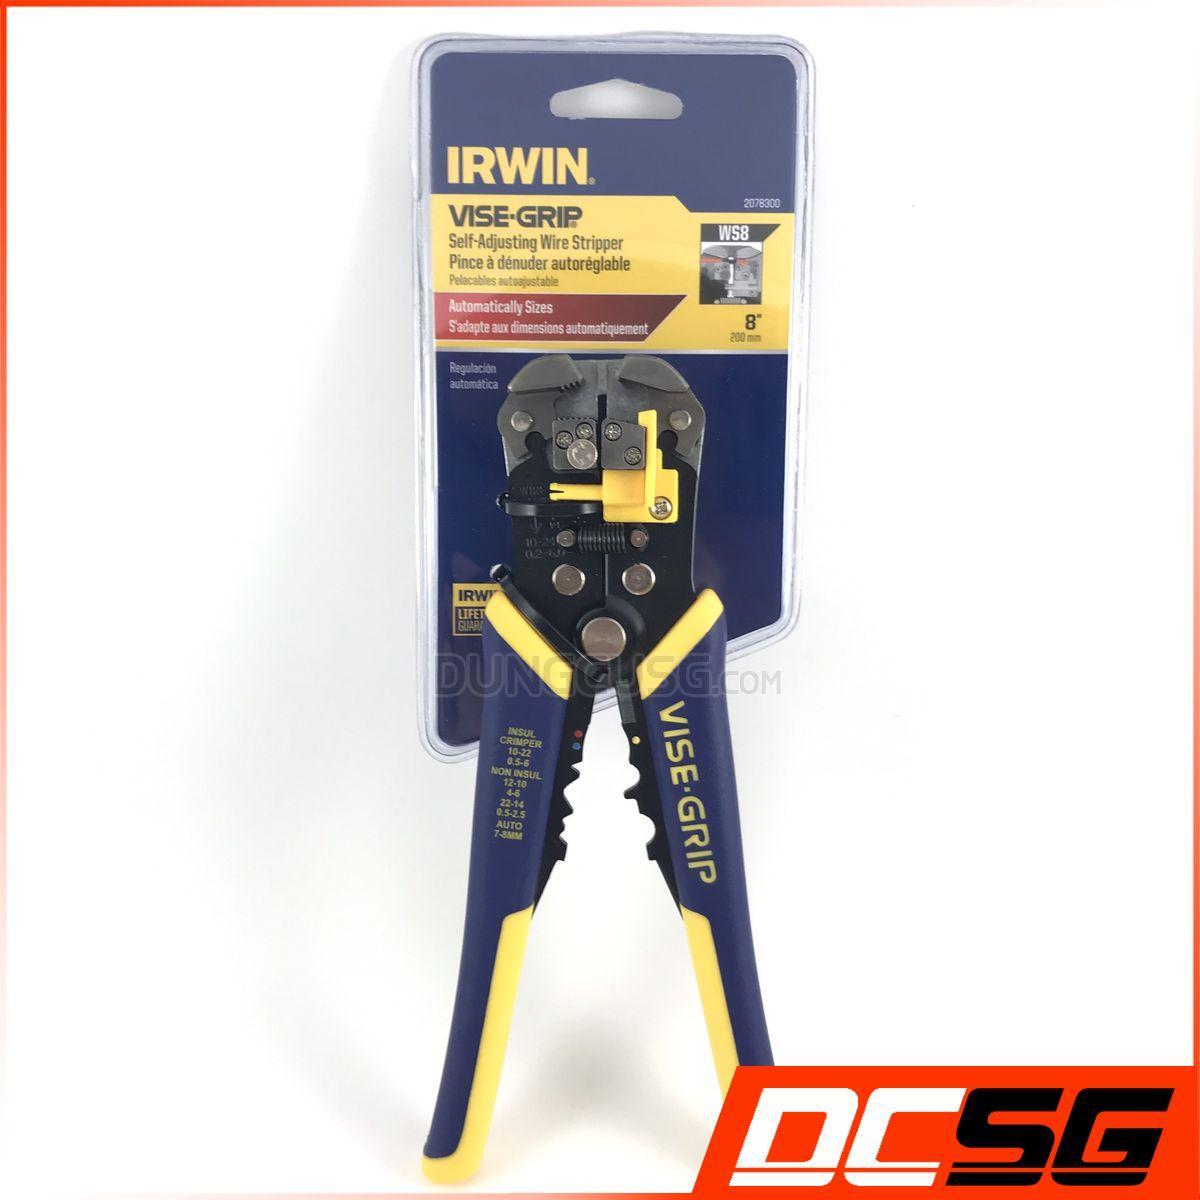 Kiềm tuốt dây điện đa năng IRWIN VISE GRIP 2078300 [DCSG]